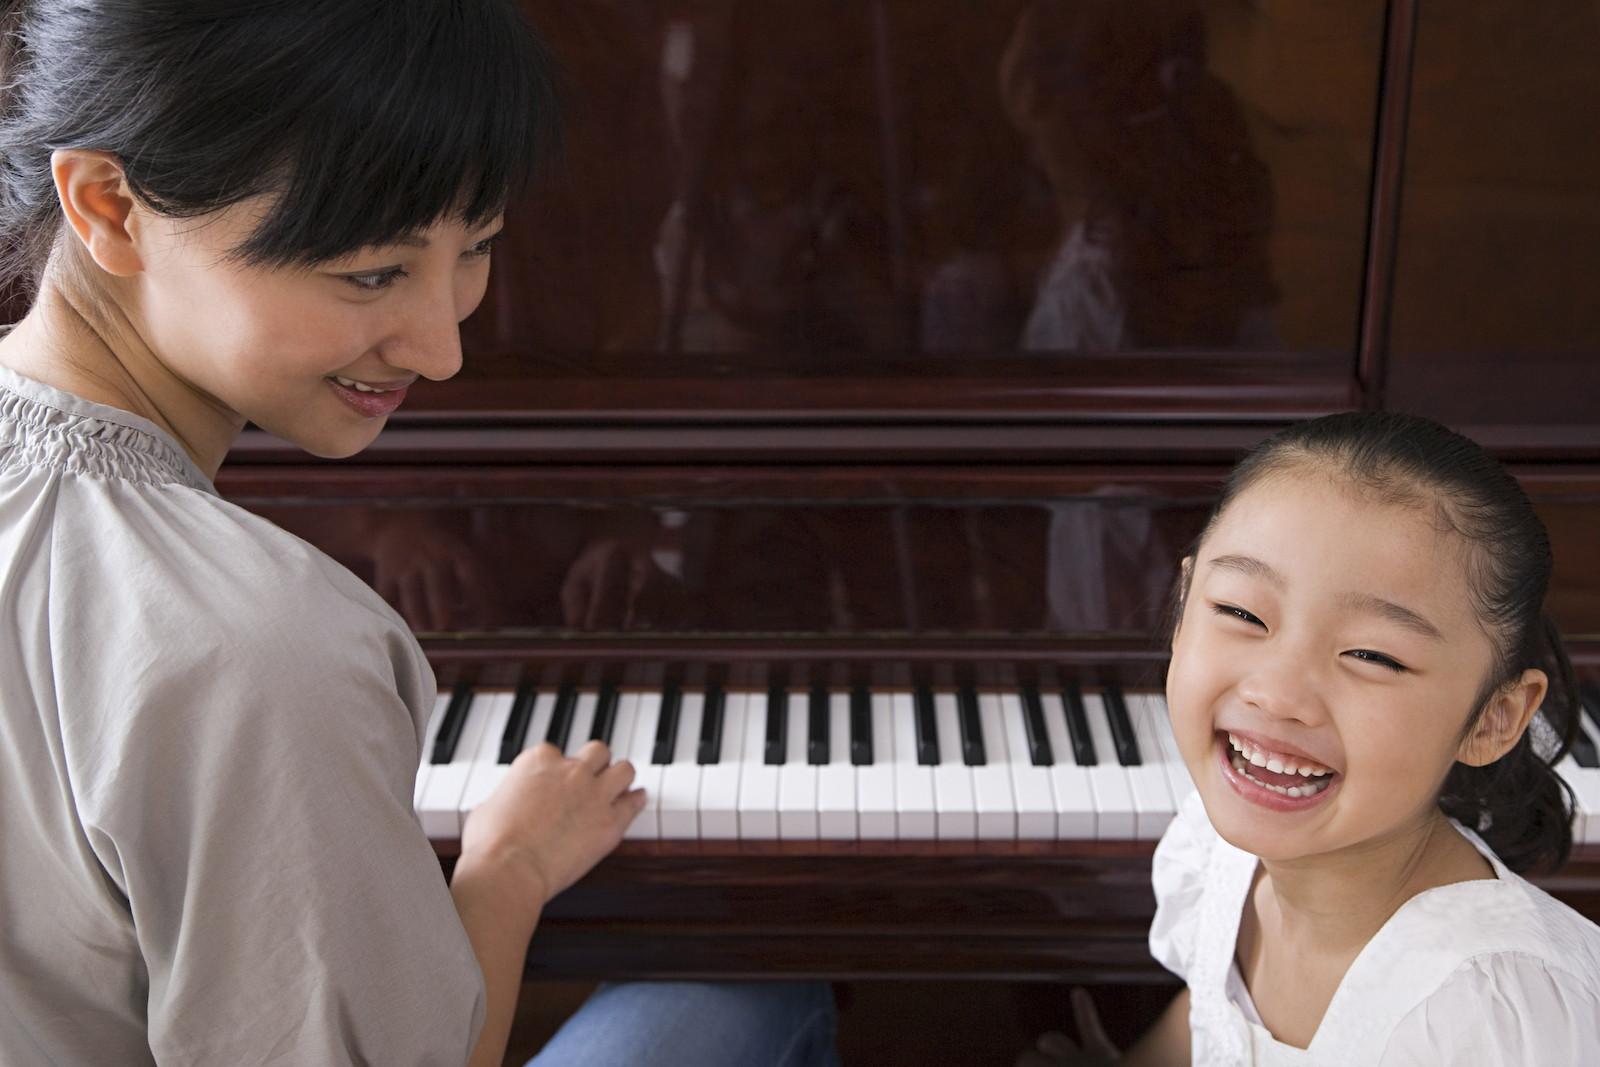 「子ども達 笑顔 ピアノ」の画像検索結果